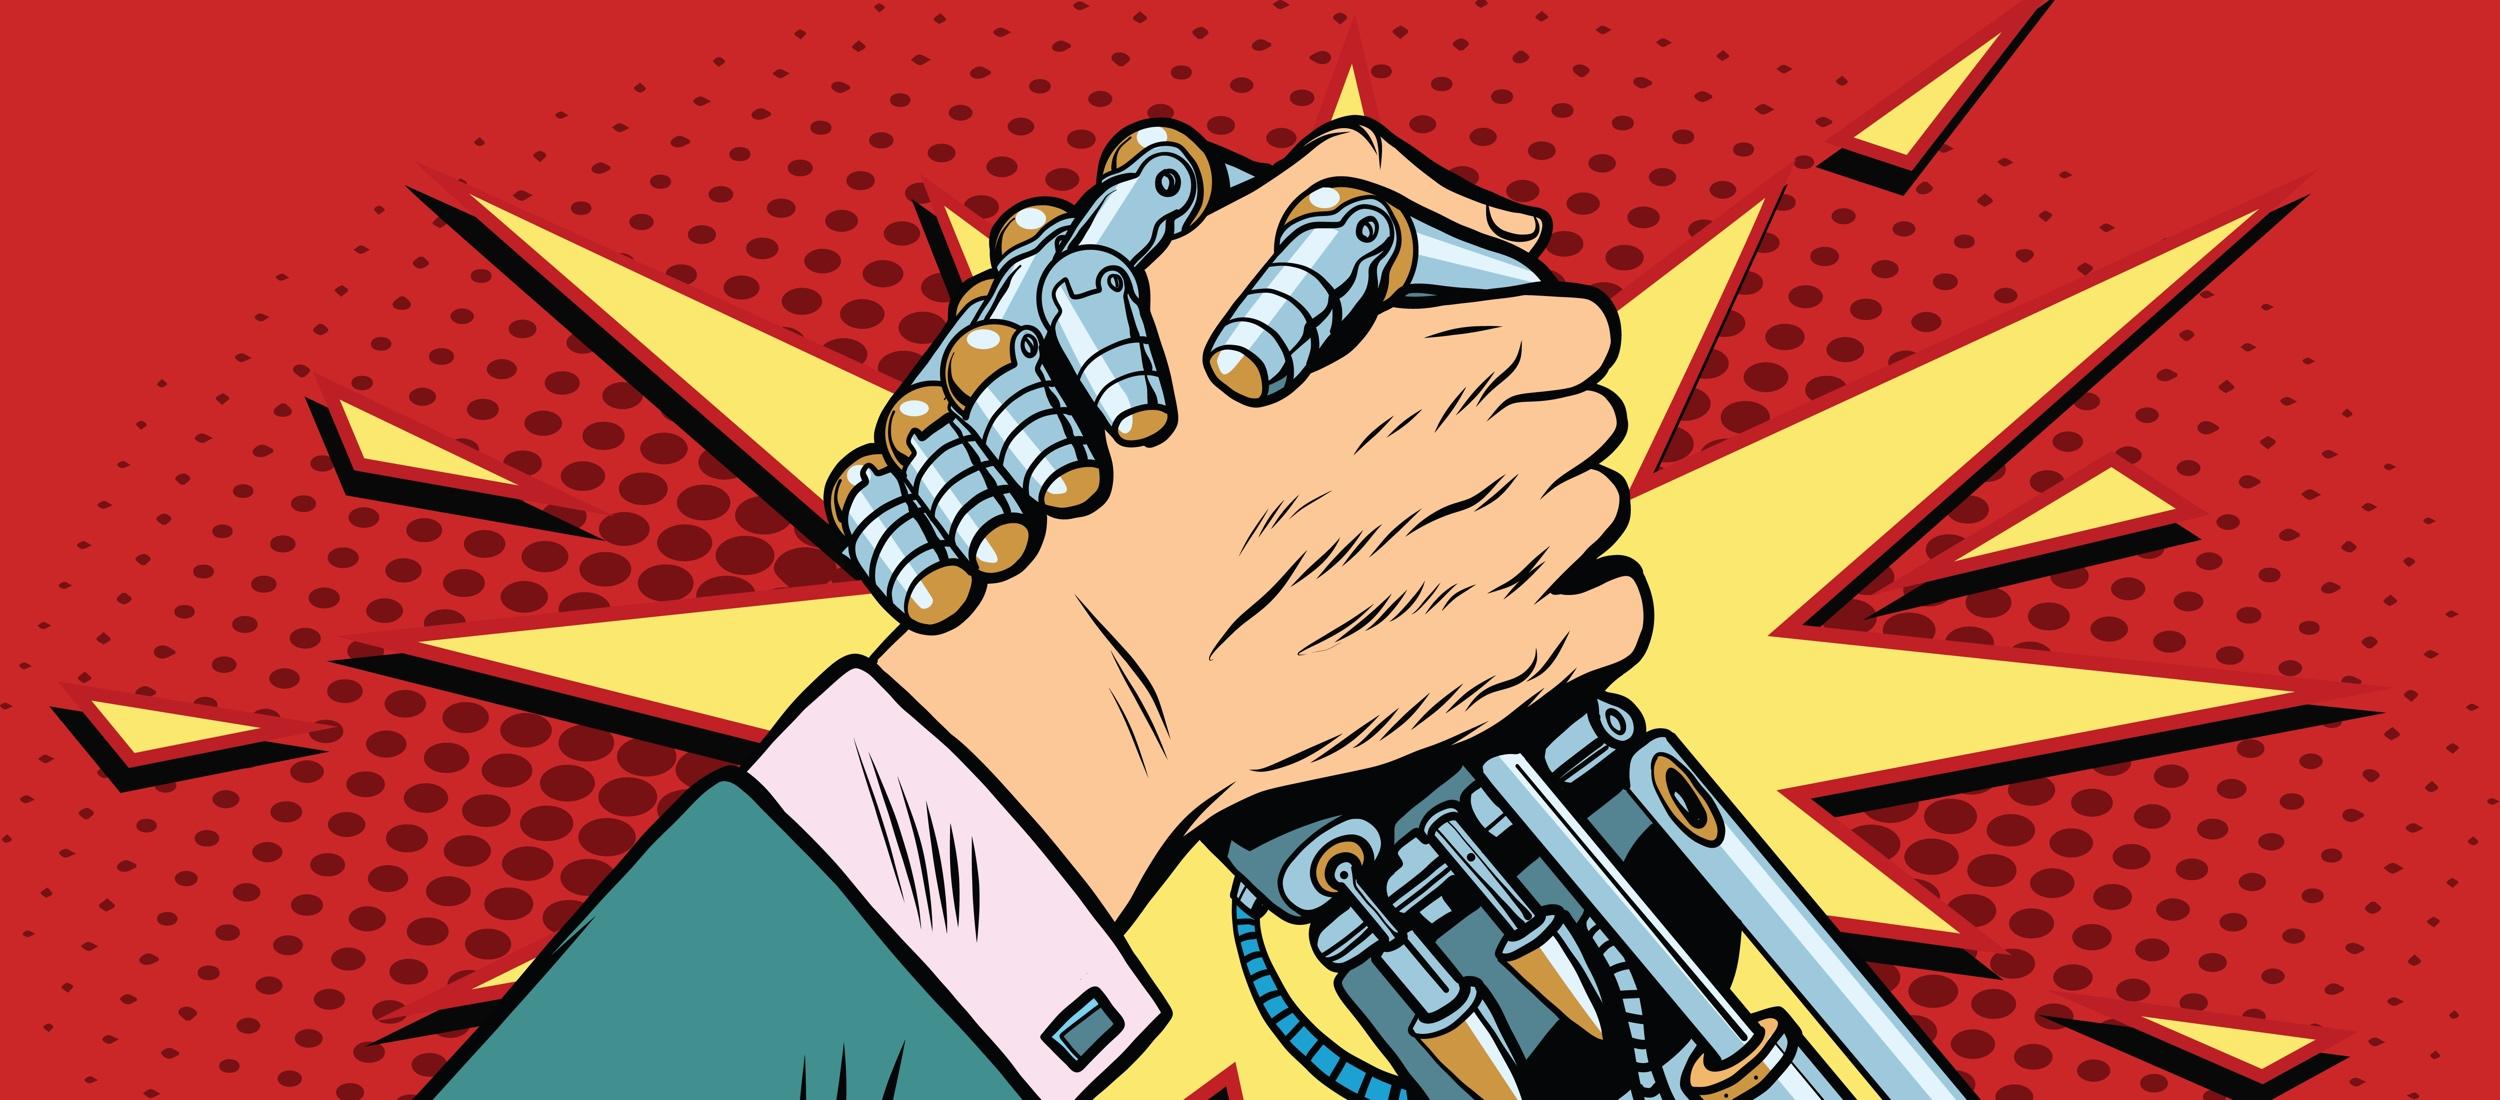 Entro 3 anni l' intelligenza artificiale batterà l'uomo in tutto?